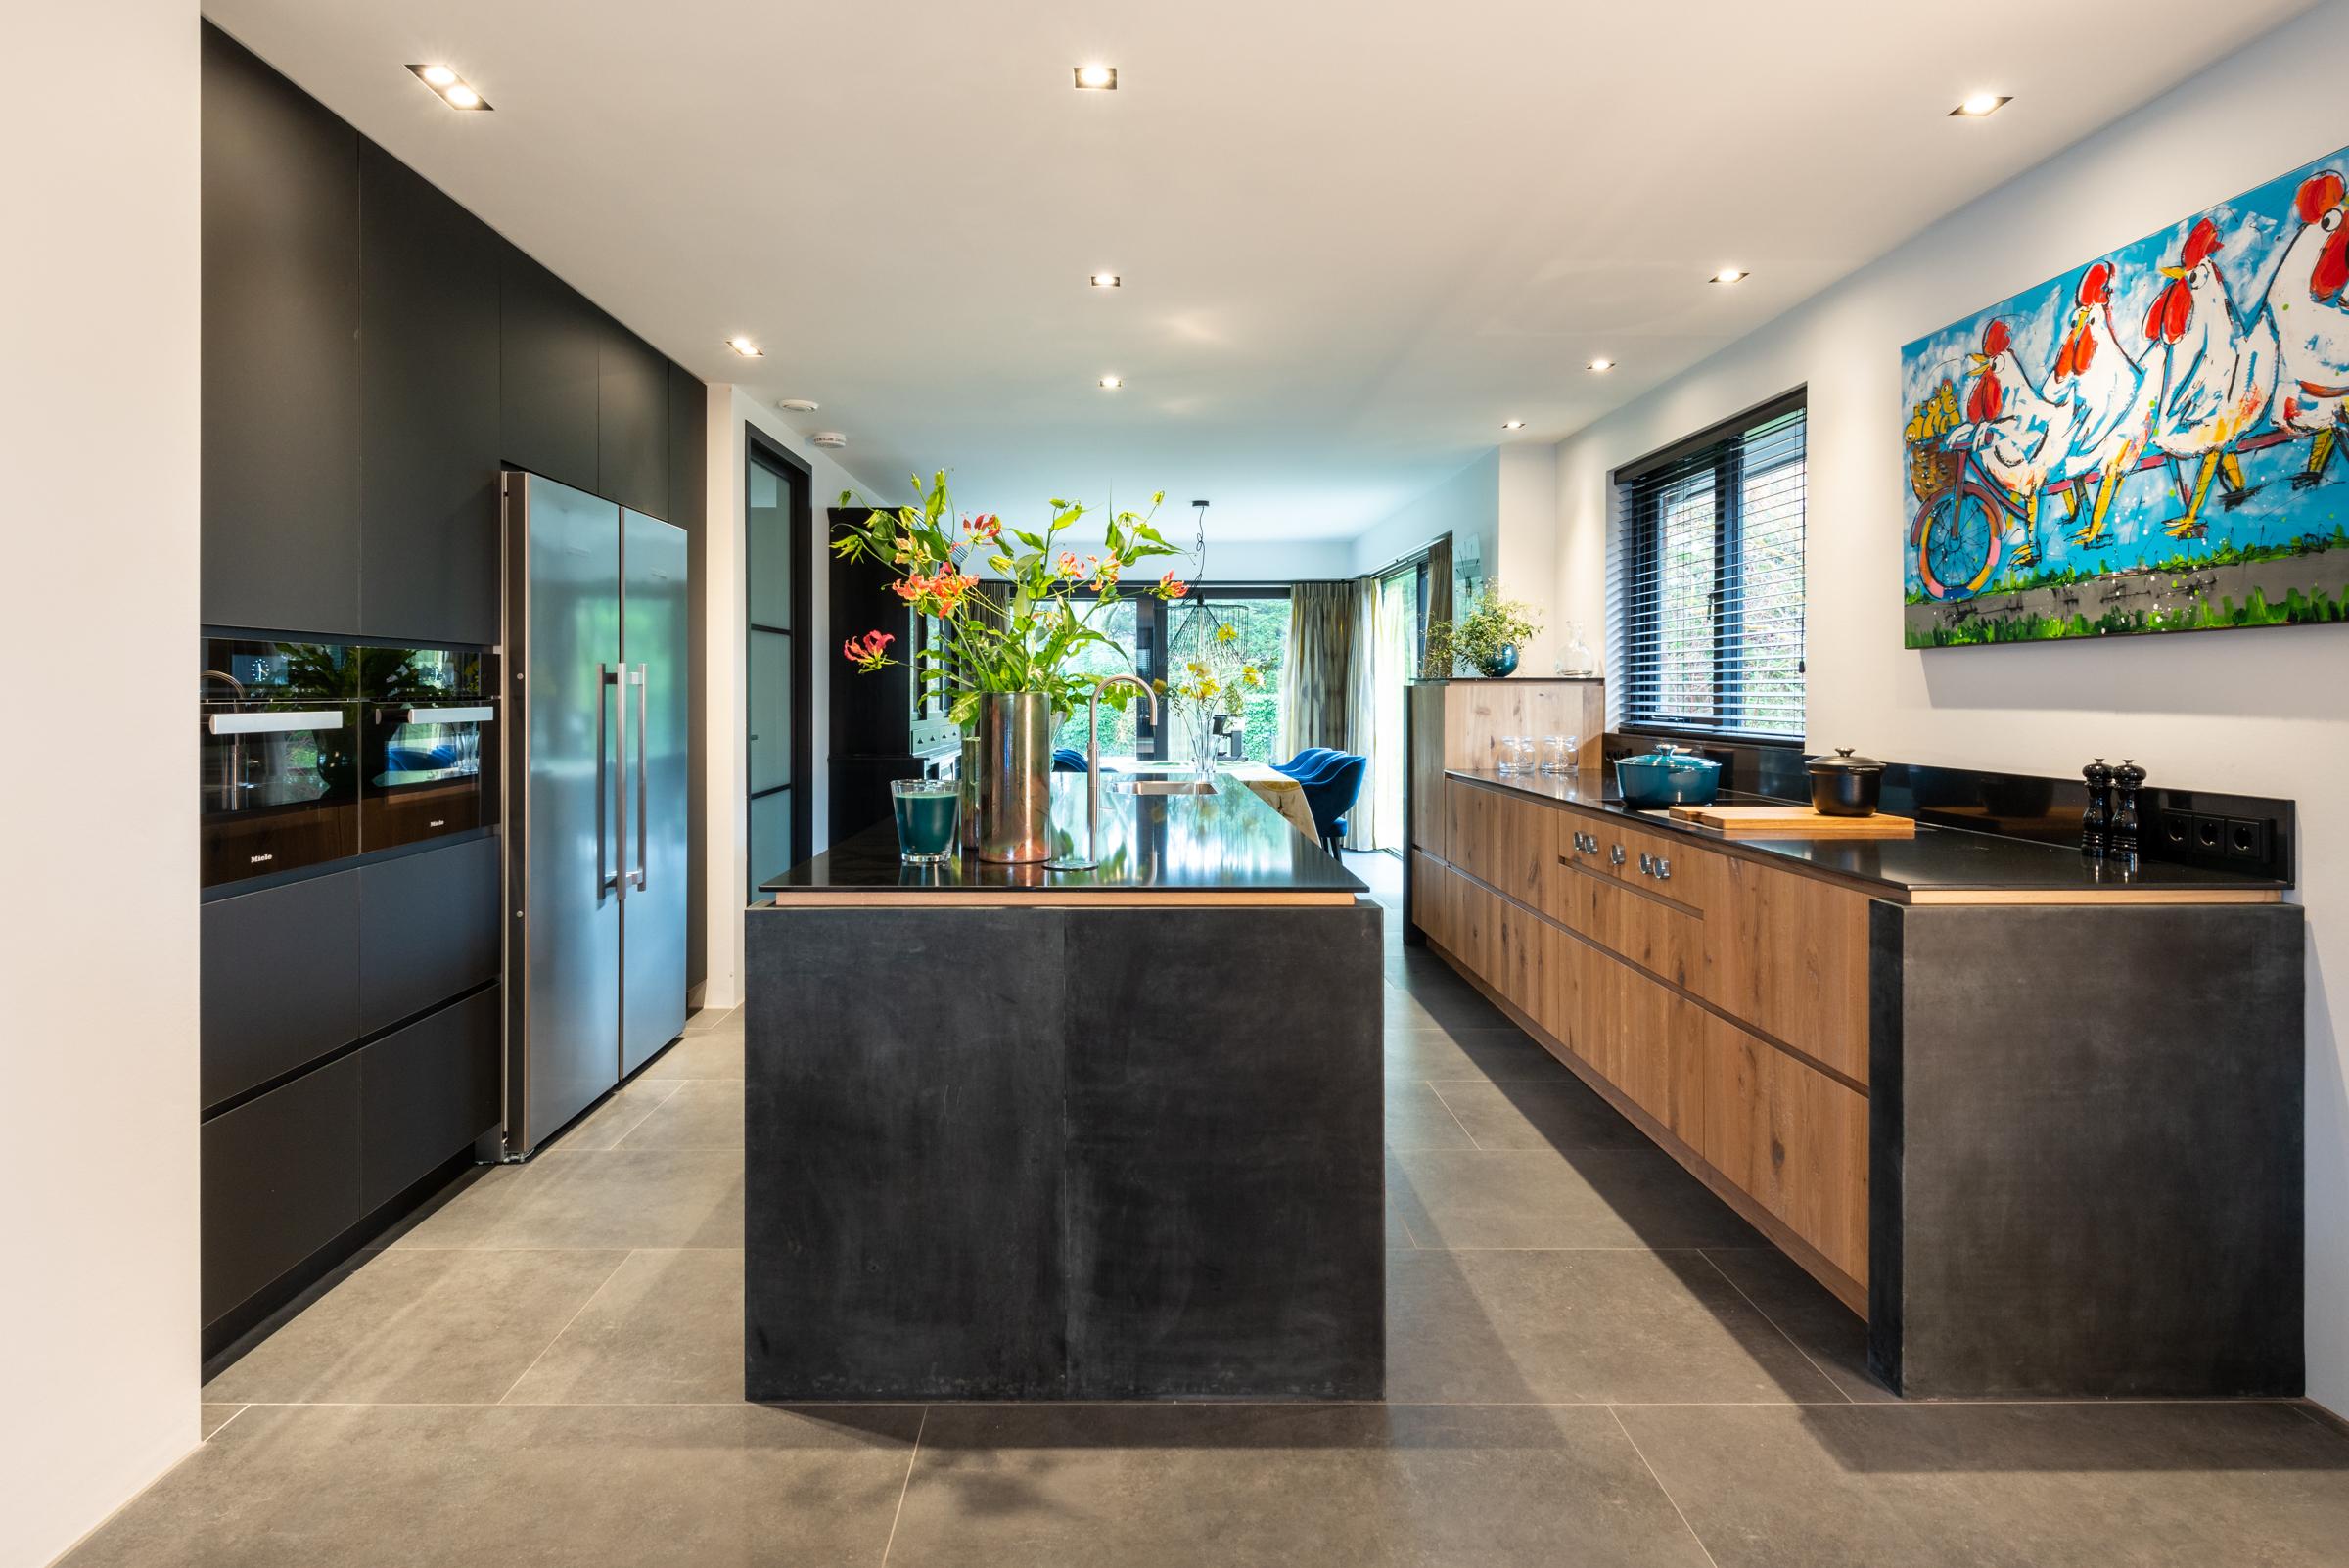 Moderne eiken keuken met keukeneiland en bora inductiekookplaat